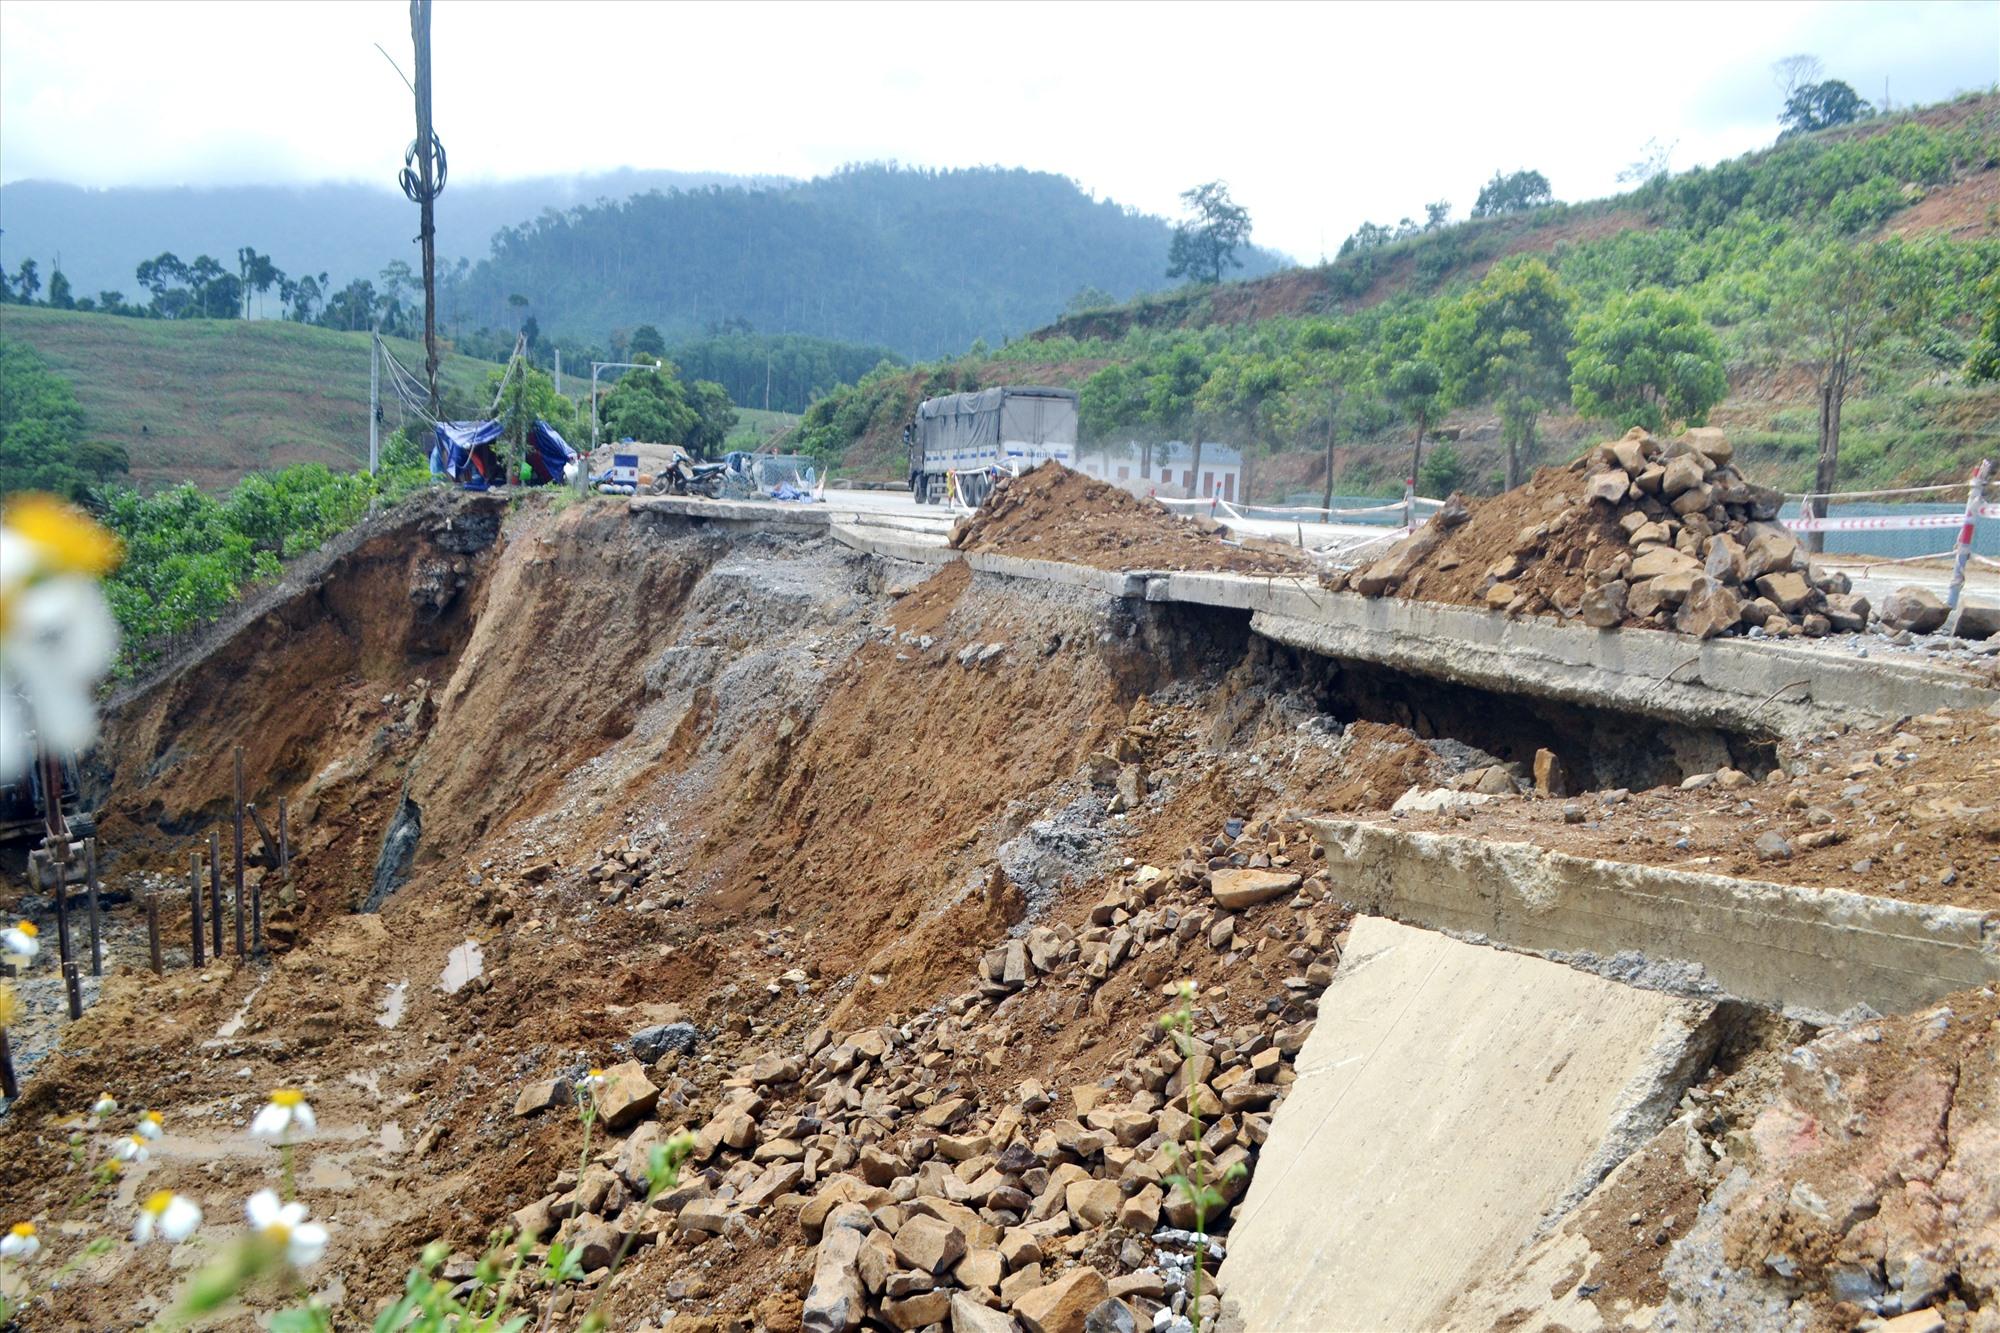 Một điểm bị sạt lở taluy âm đường Hồ Chí Minh, đoạn qua xã Phước Xuân (Phước Sơn) vào mùa mưa năm 2020 chưa được khắc phục xong. Ảnh: C.T